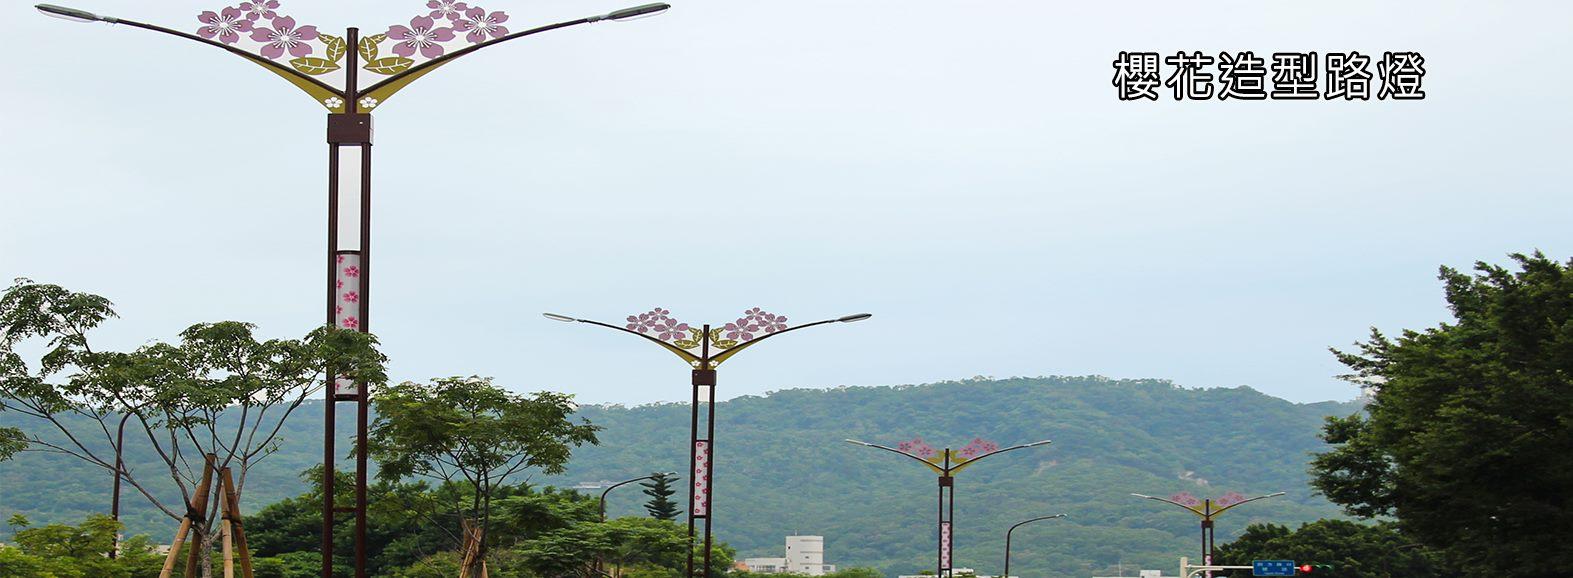 櫻花造型路燈